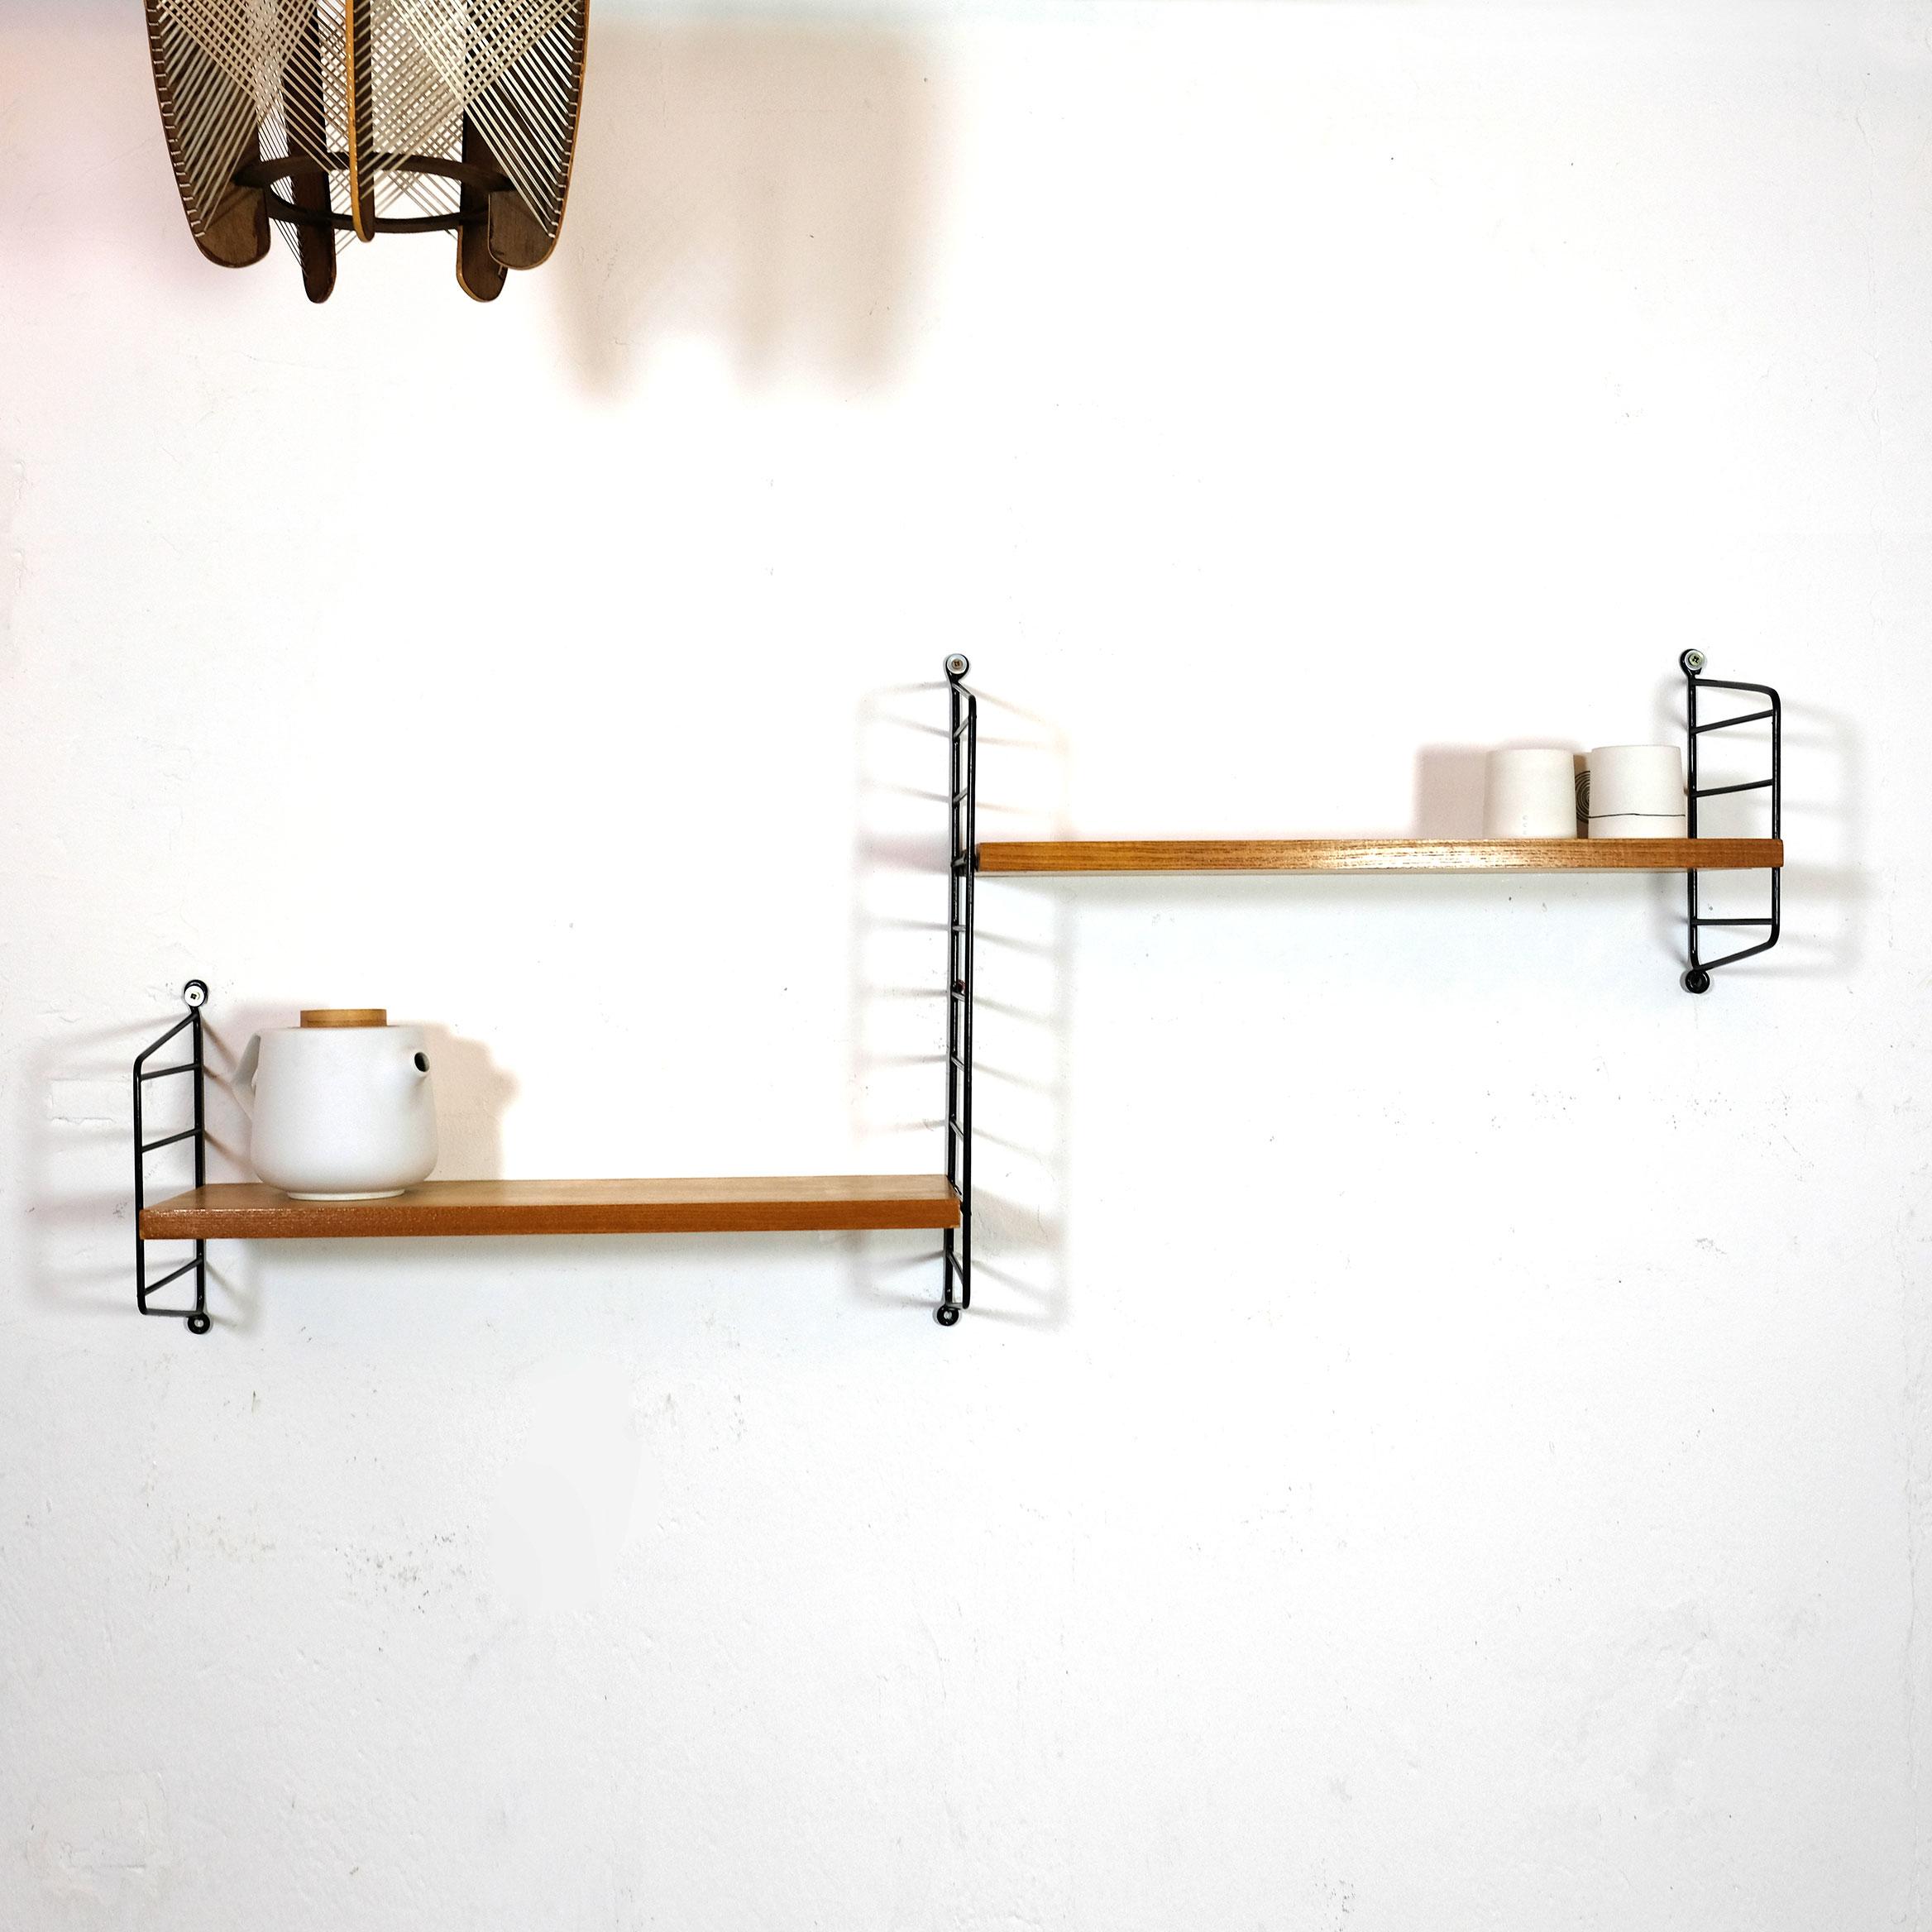 String bookshelves